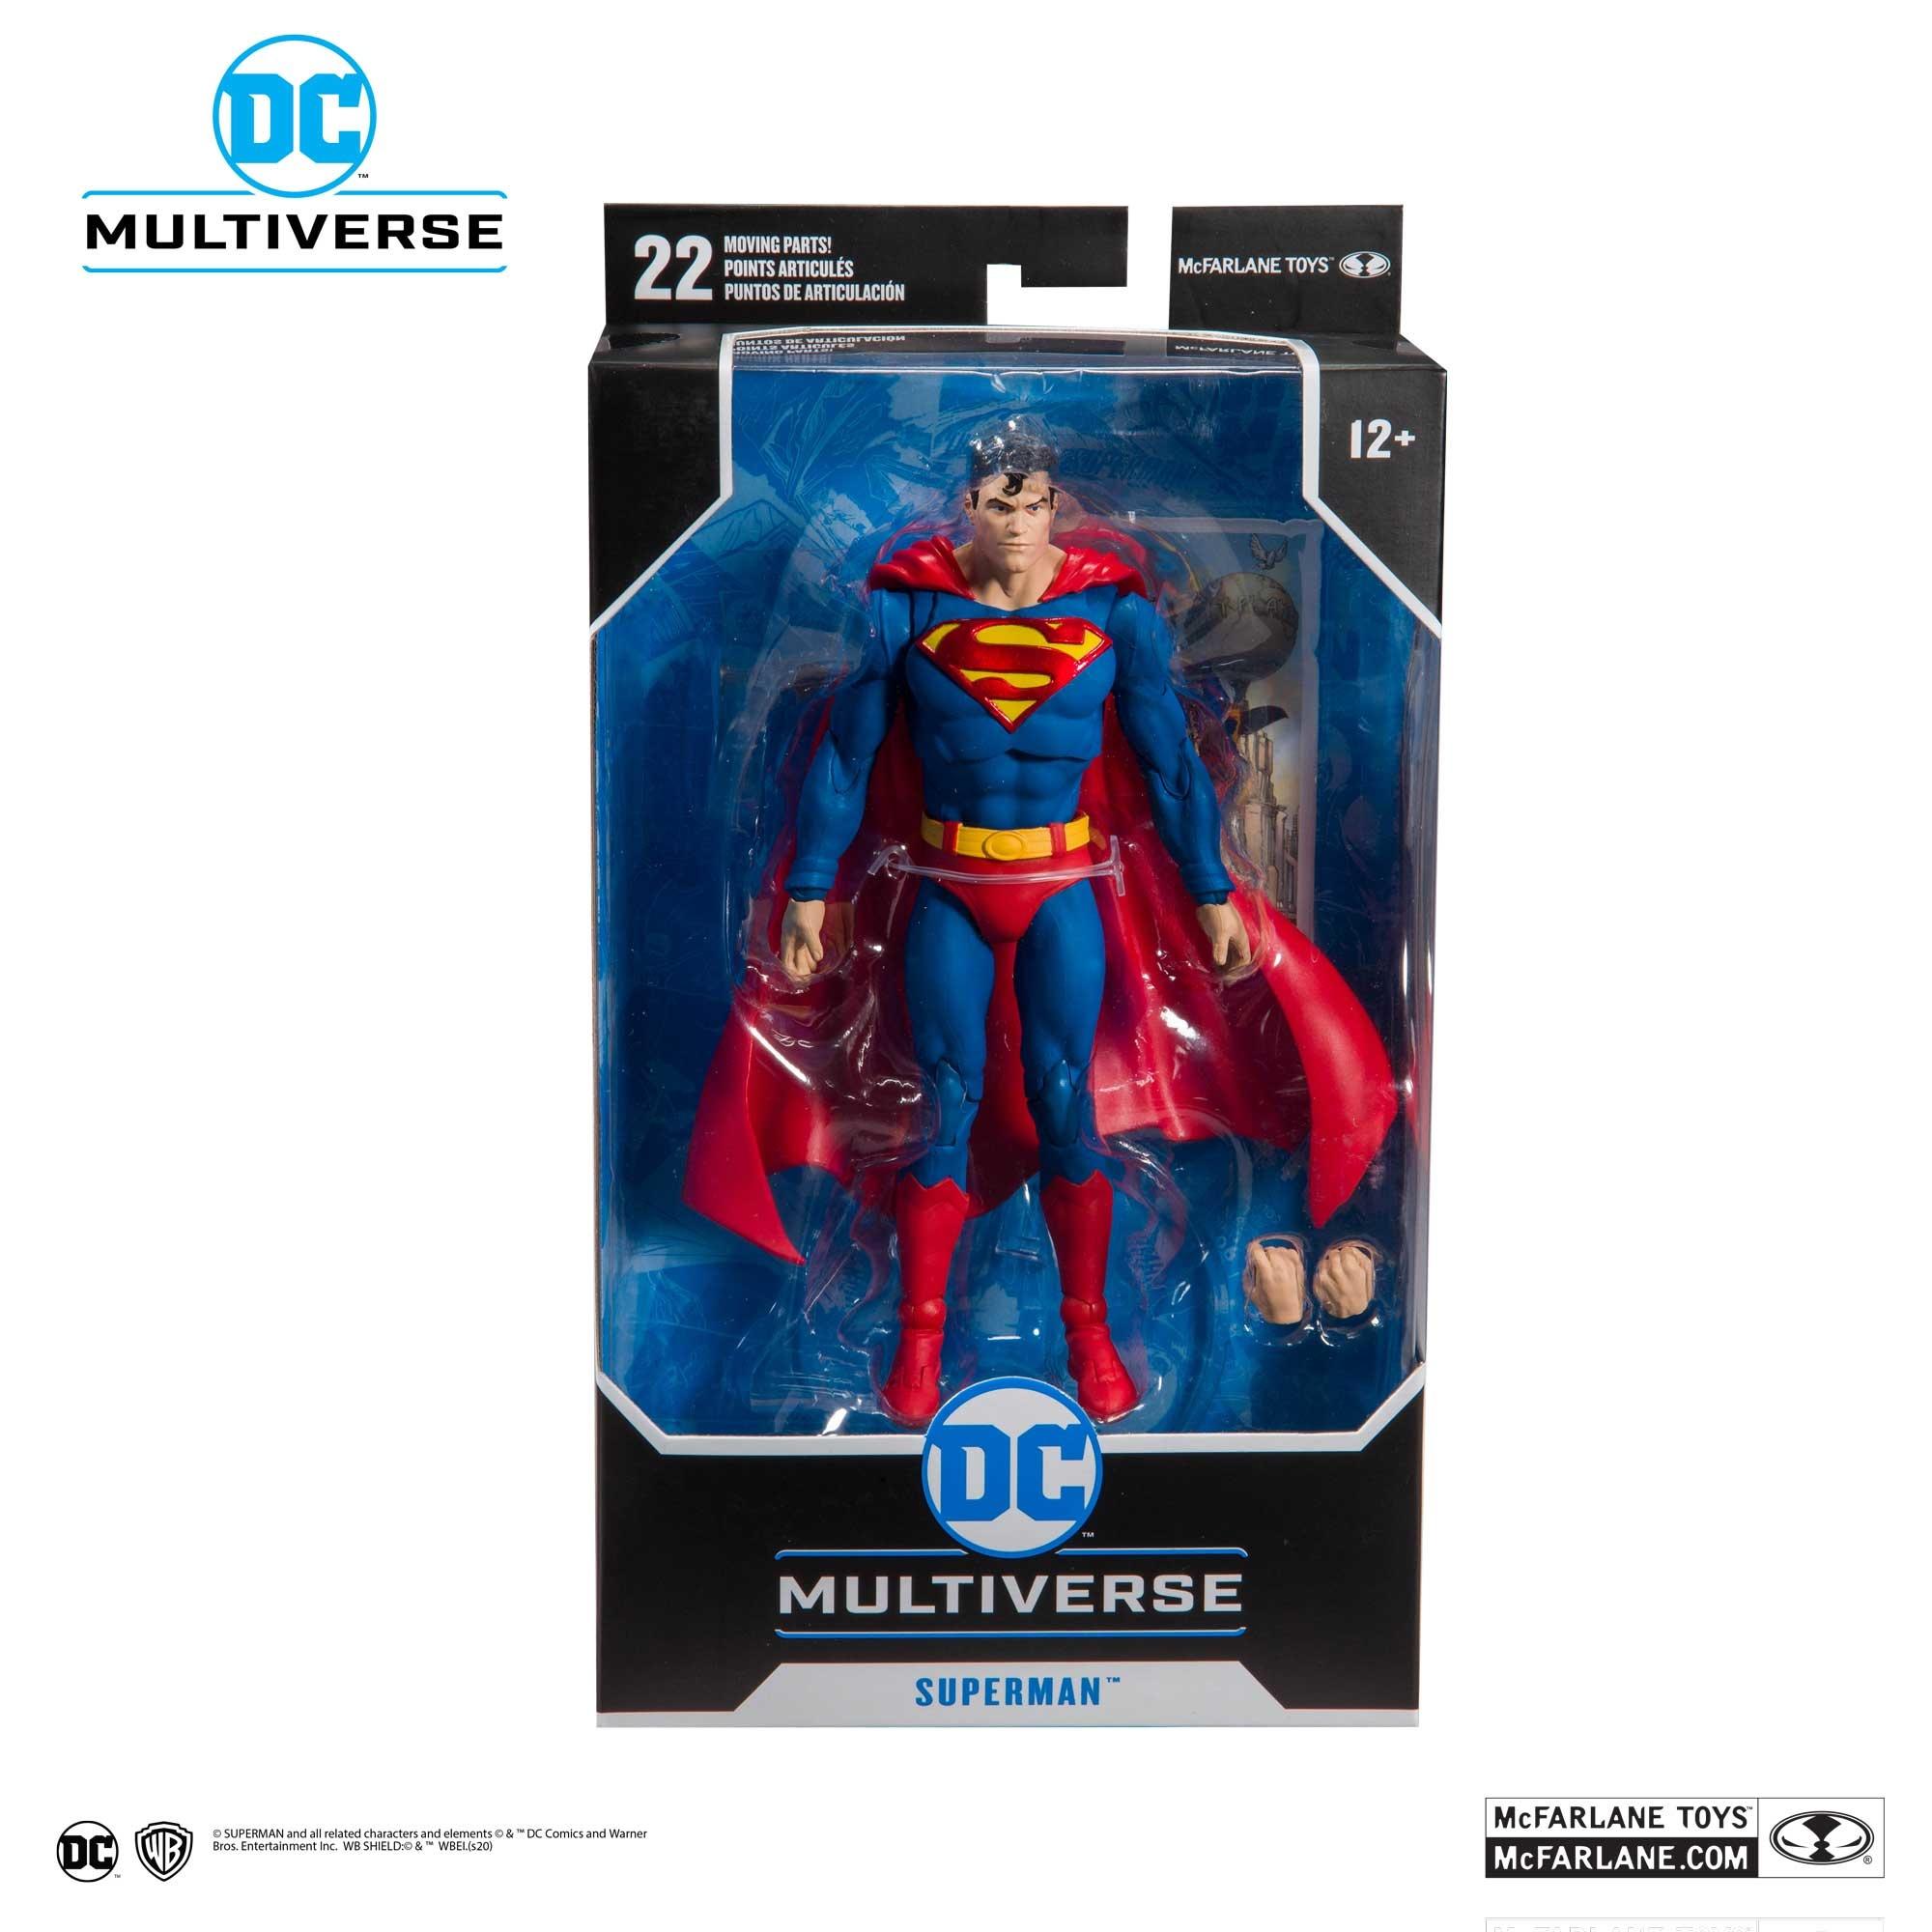 DC Multiverse Superman: Action Comics #1000 Action Figure